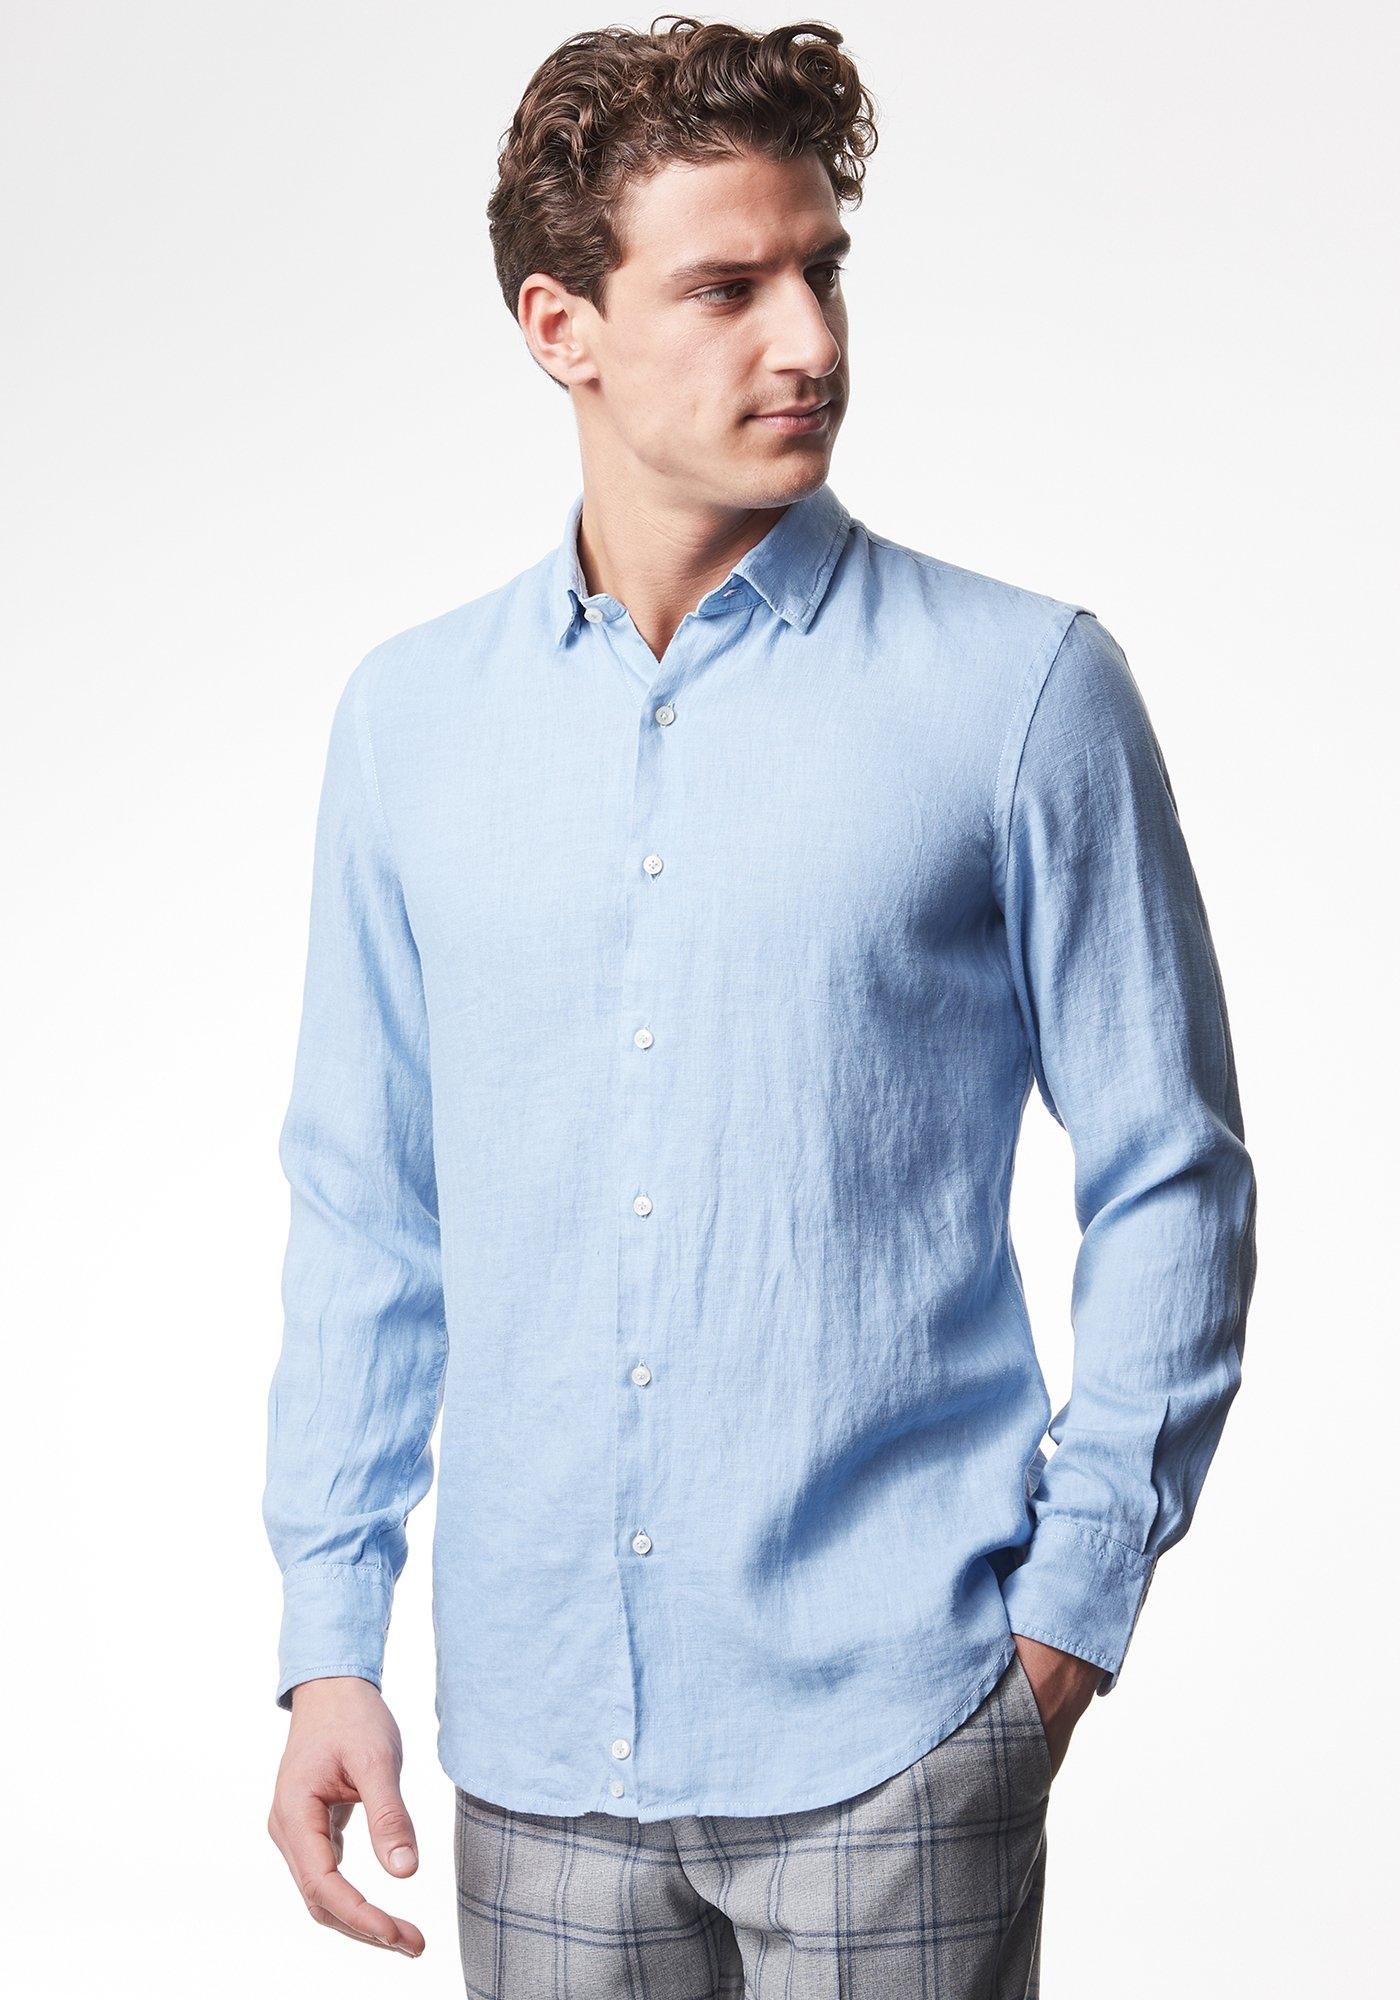 Pierre Cardin Licht linnenoverhemd - slim fit goedkoop op otto.nl kopen